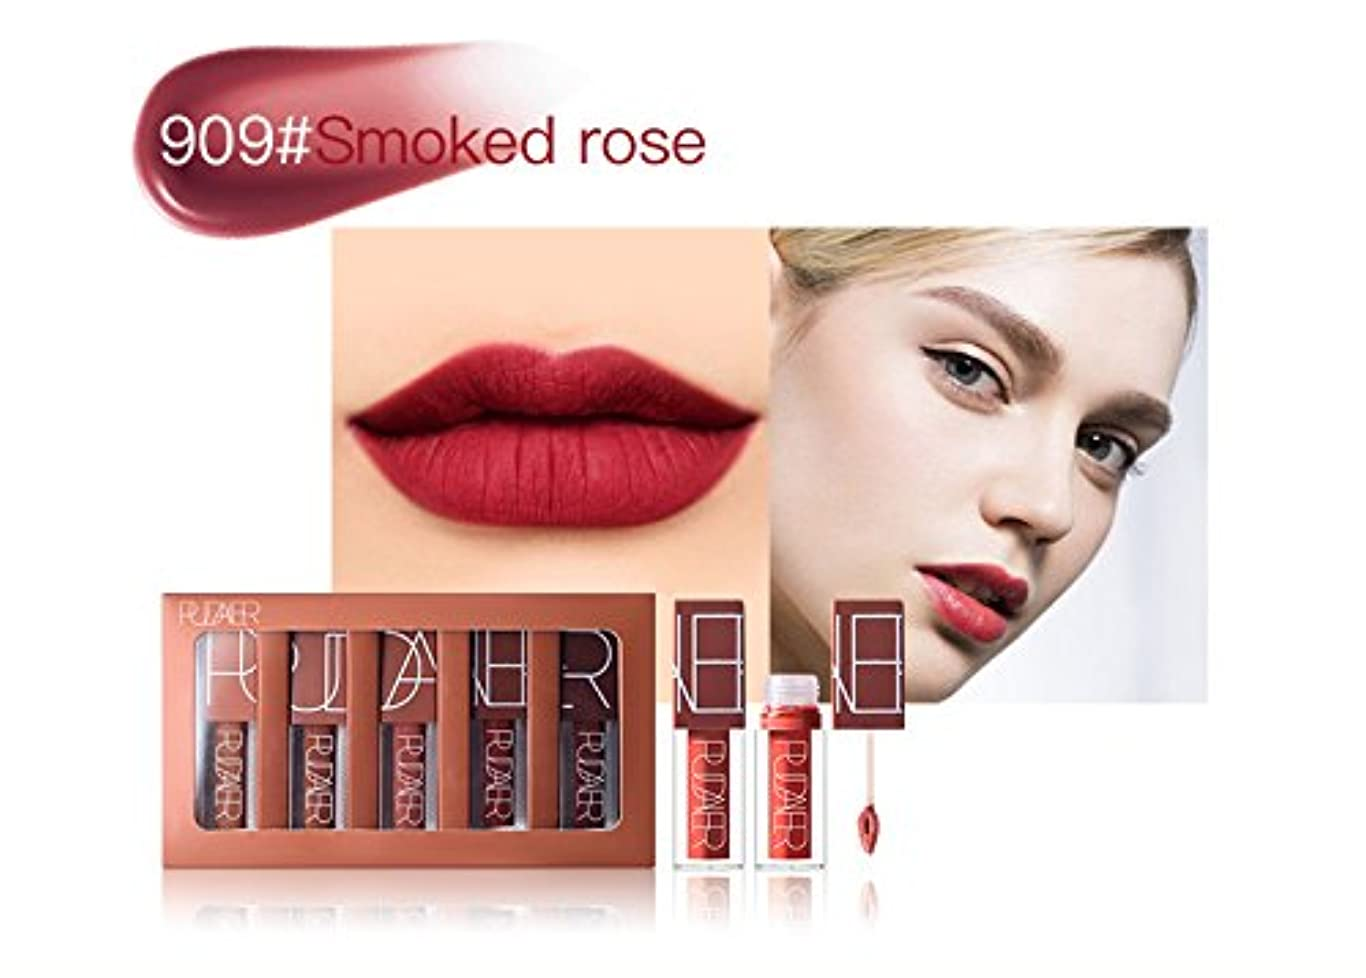 学部長咳フェミニンNo #909 Hot Brand Long Lasting Velvet Lips Tint Liquid Lipstick Matte Beauty Cosmetics Sexy Nude Pigment Matte...